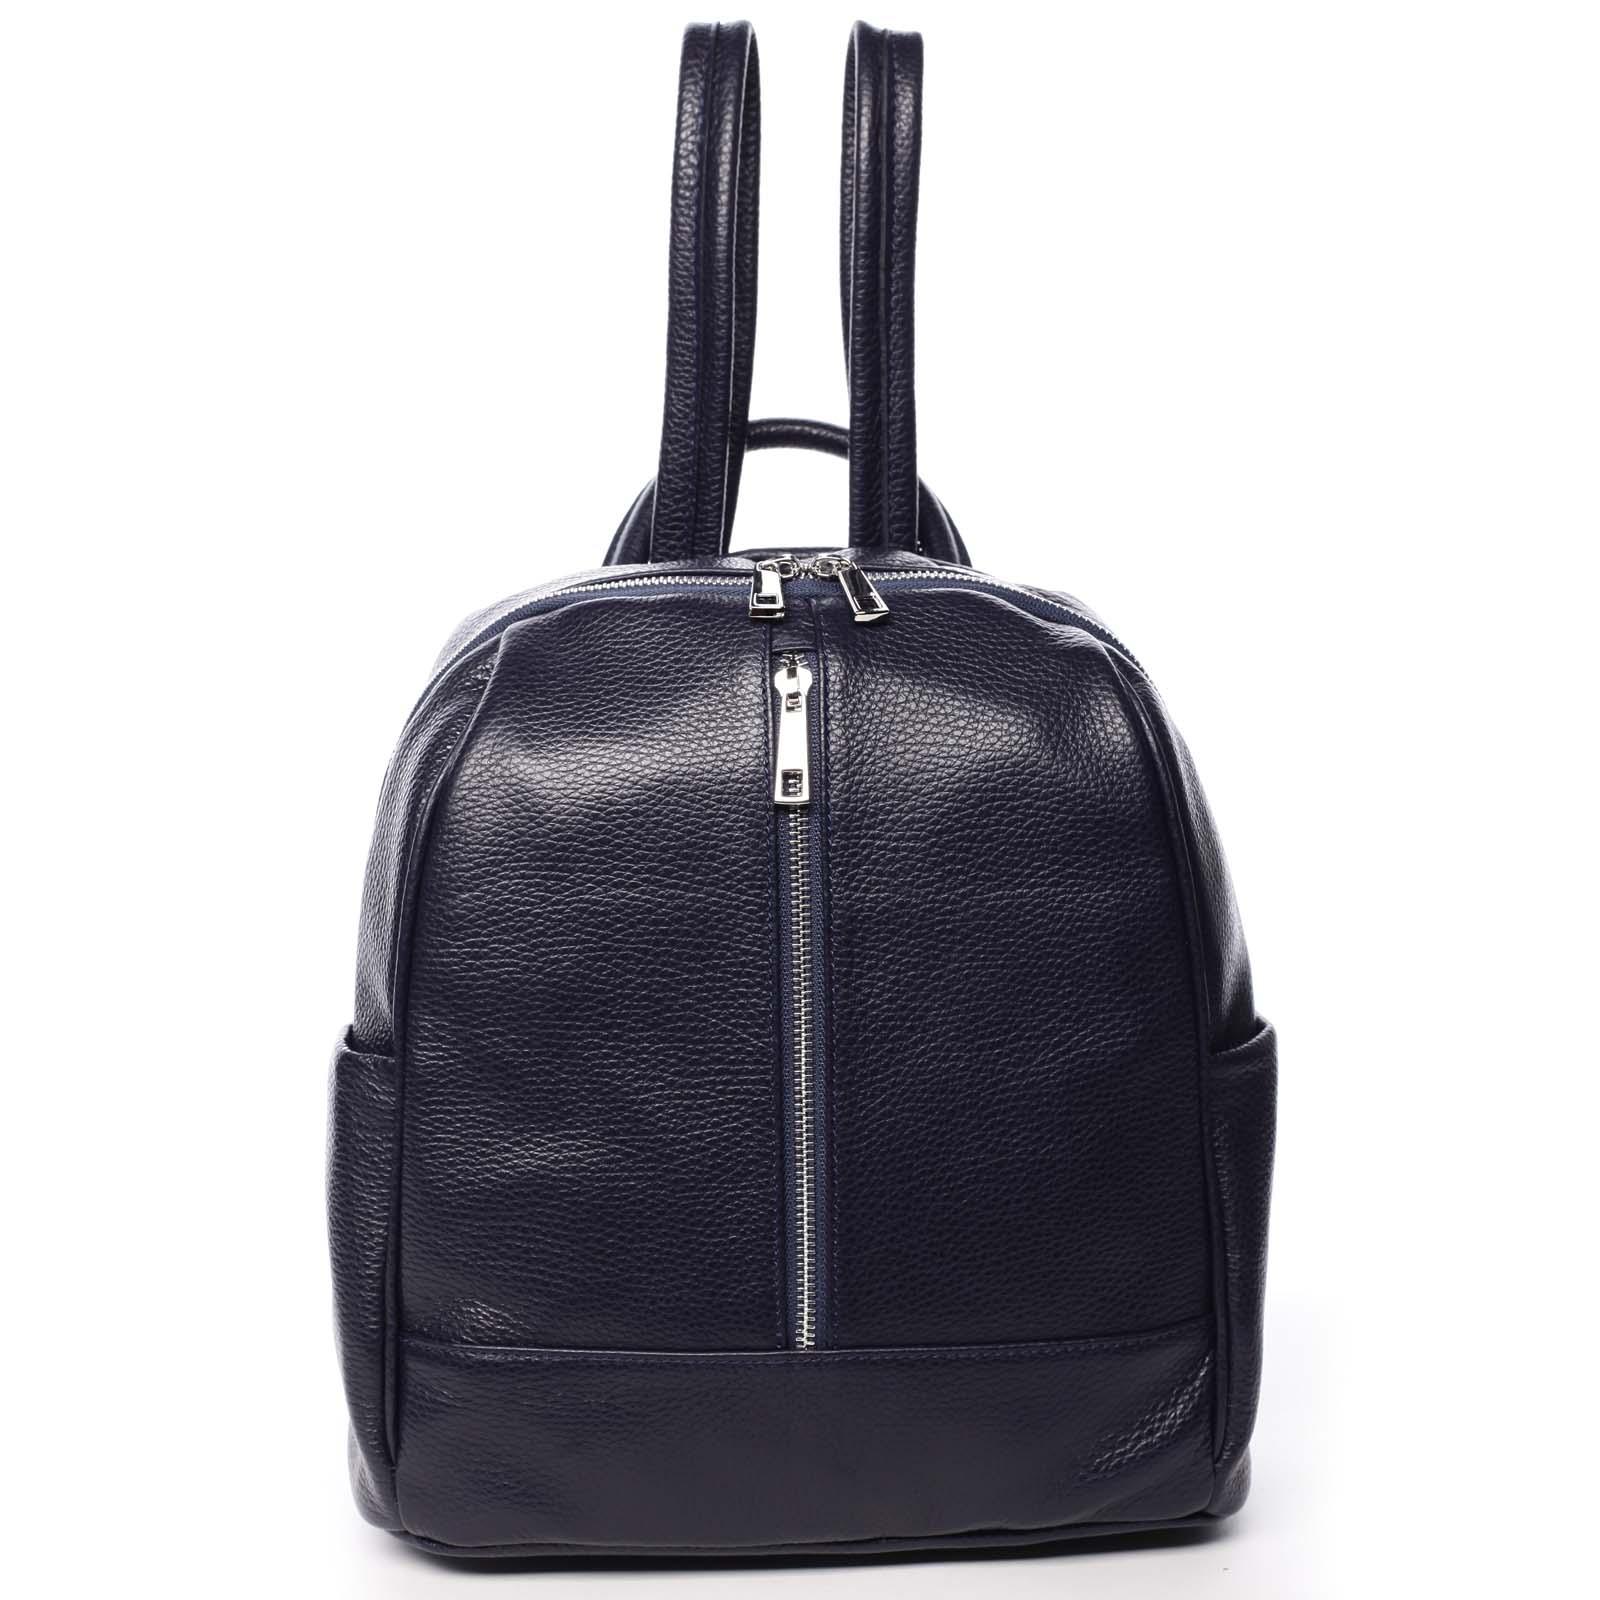 Dámsky kožený batoh tmavomodrý - ItalY Lissetta